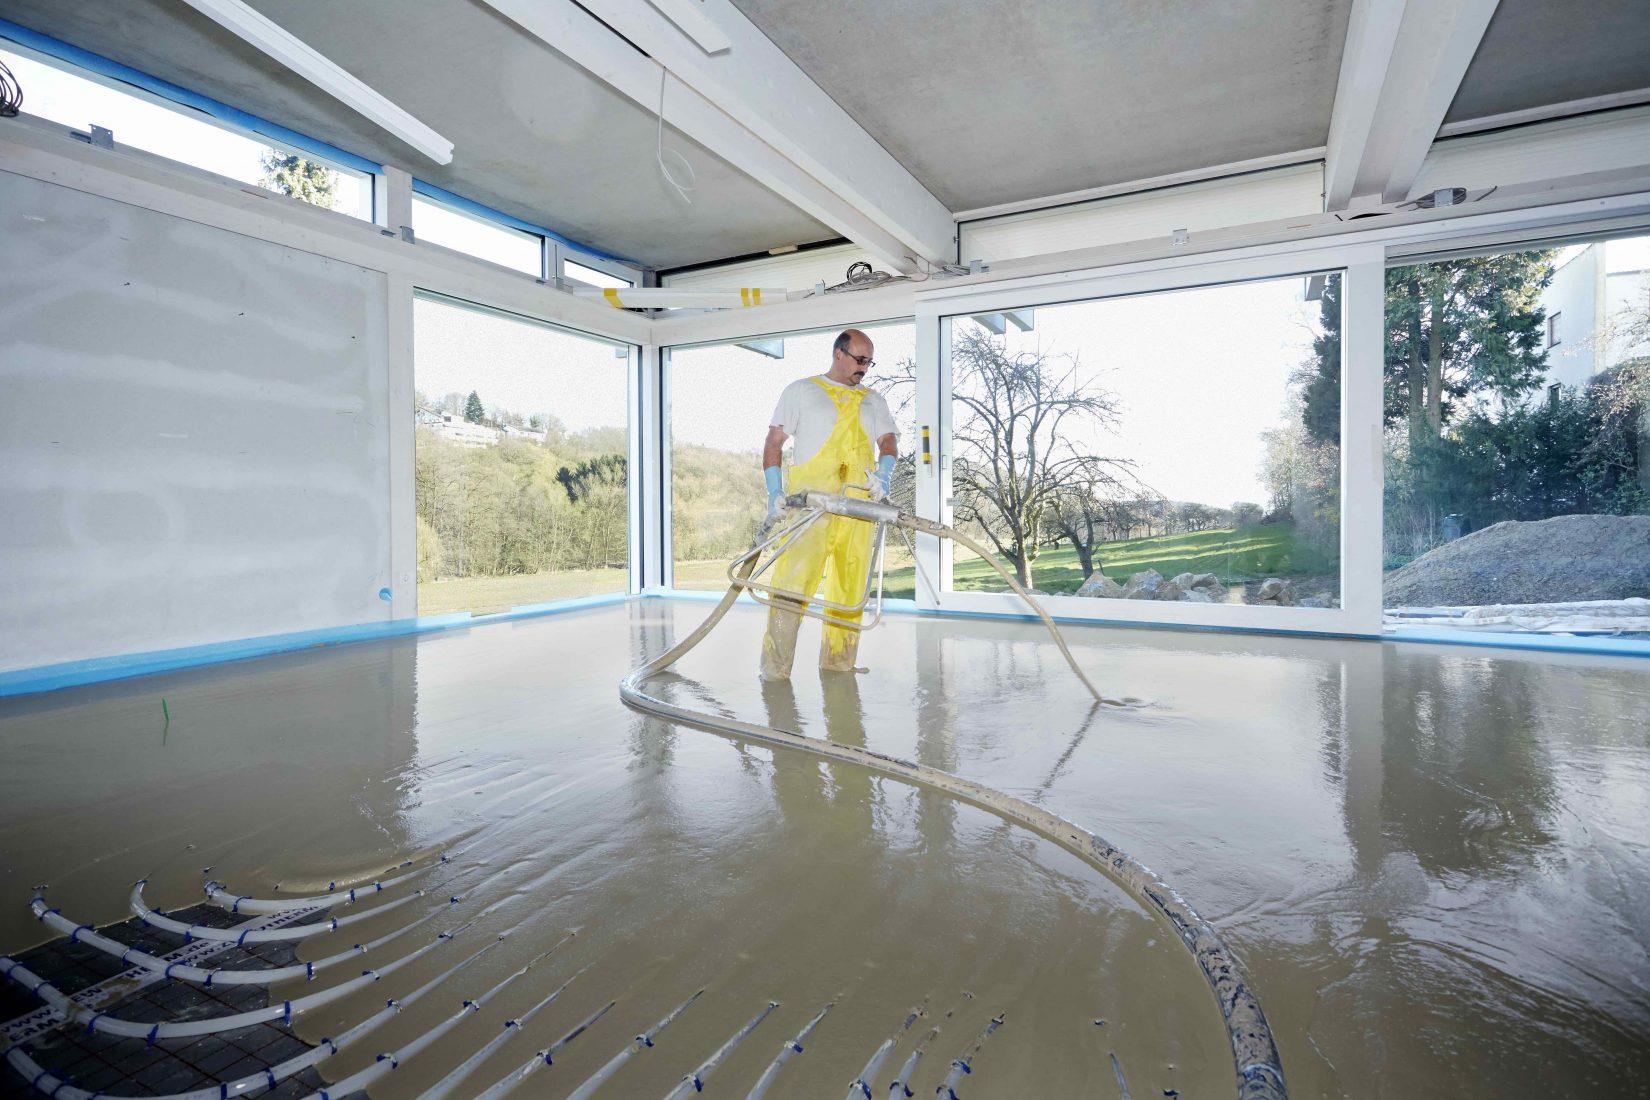 Fließestrich auf Calciumsulfat-Basis – hier in Verbindung mit einer Fußbodenheizung. Foto: Knauf